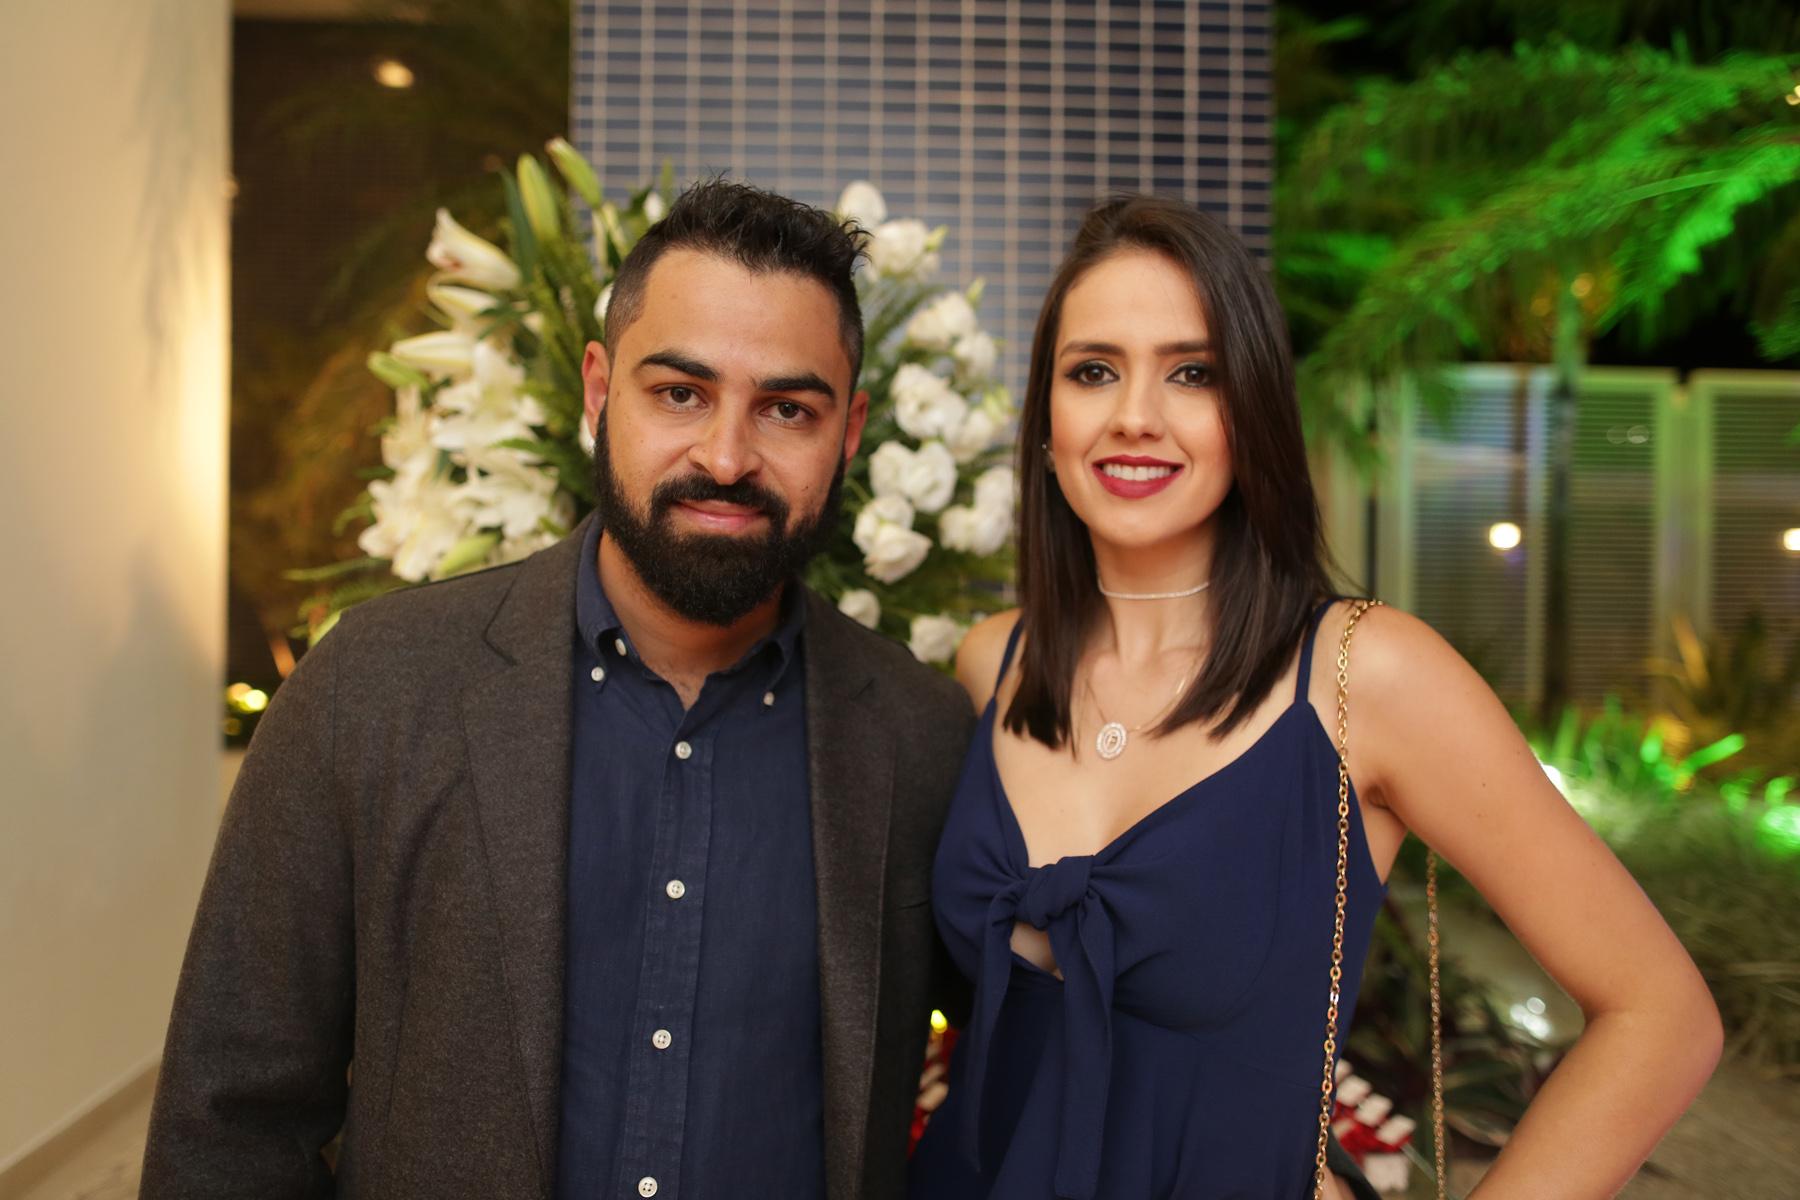 Phillip Dal Lago e Fernanda Dal Lago, em noite de festança.